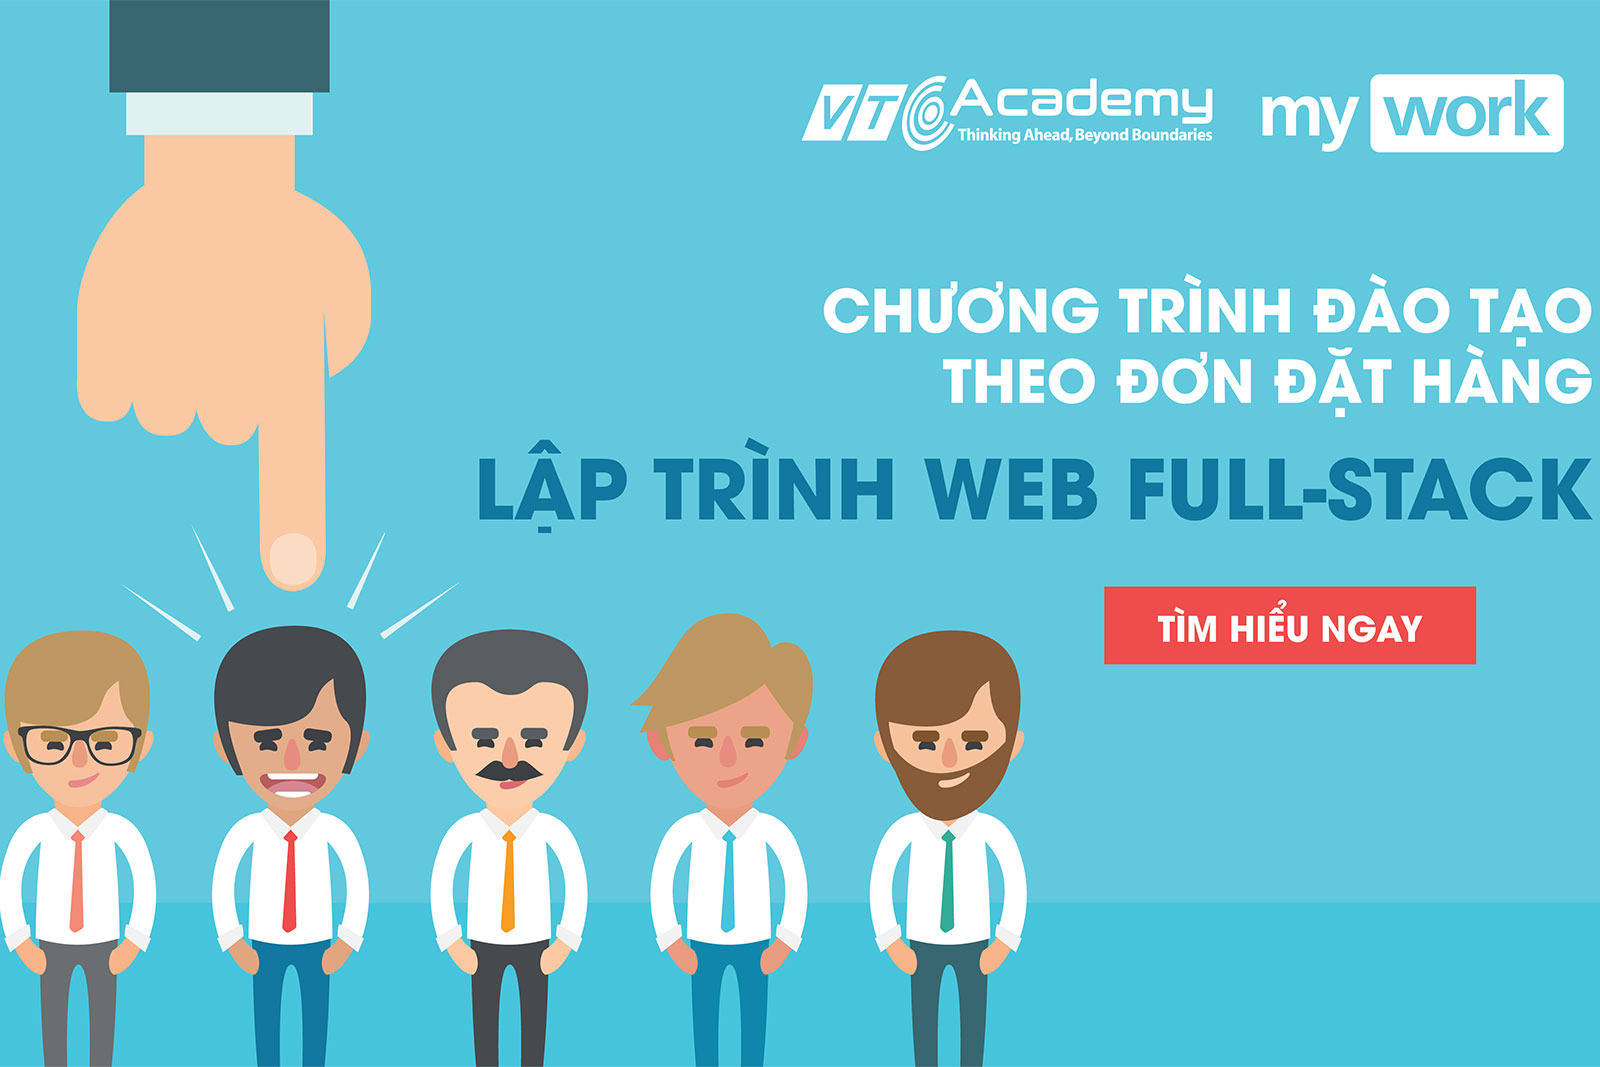 VTC Academy tuyển sinh theo đơn đặt hàng của doanh nghiệp